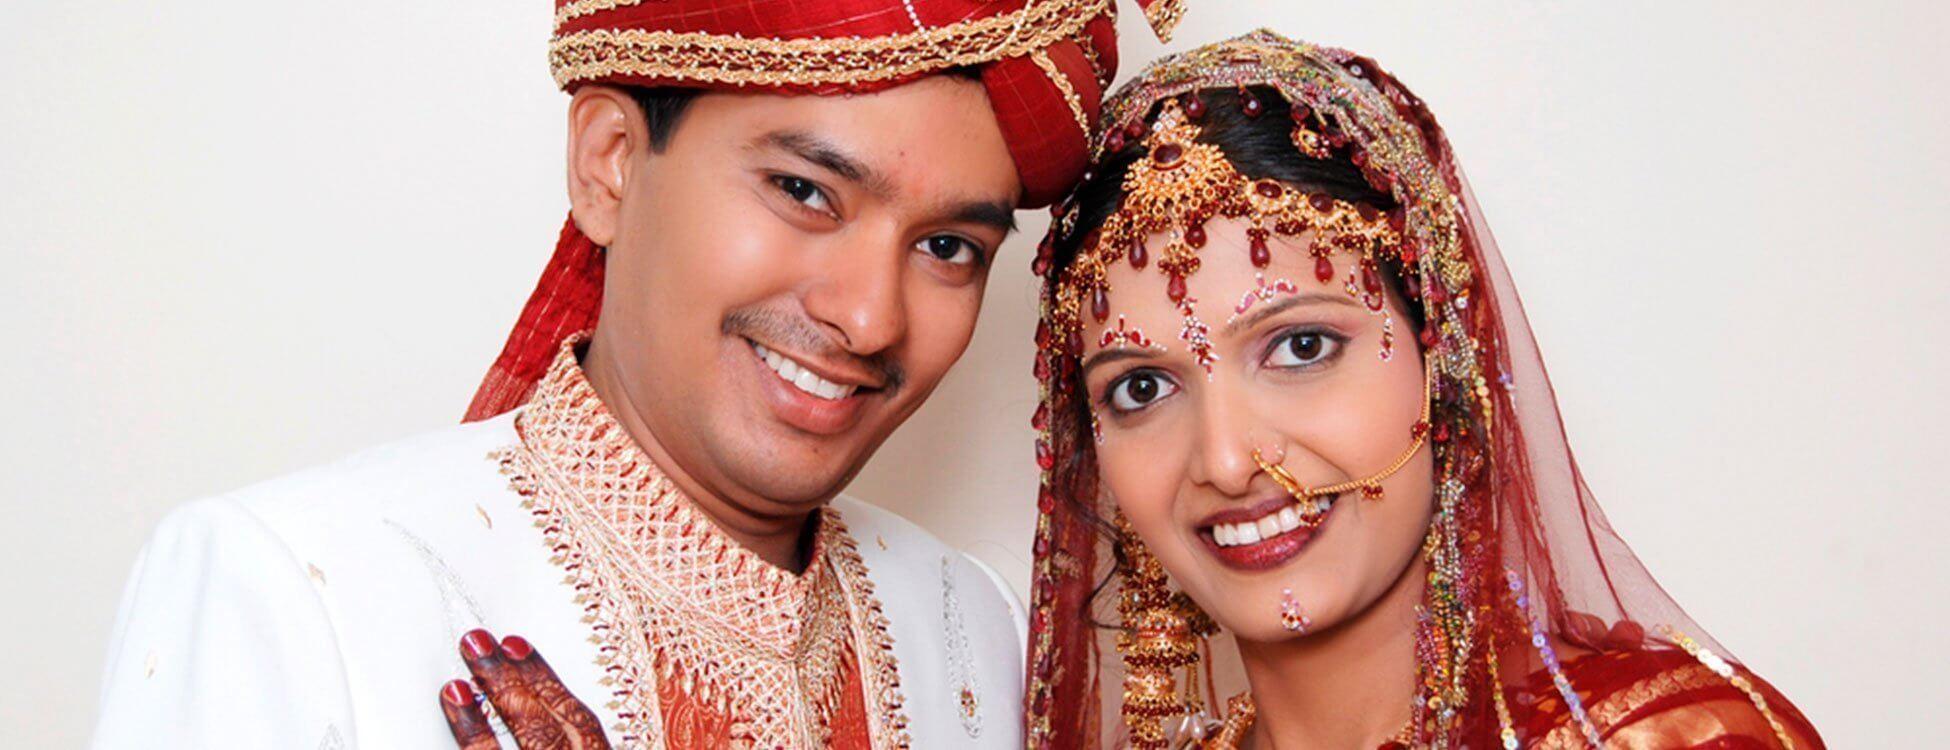 Bihari Matrimony & Matrimonials Site - 0 Charges